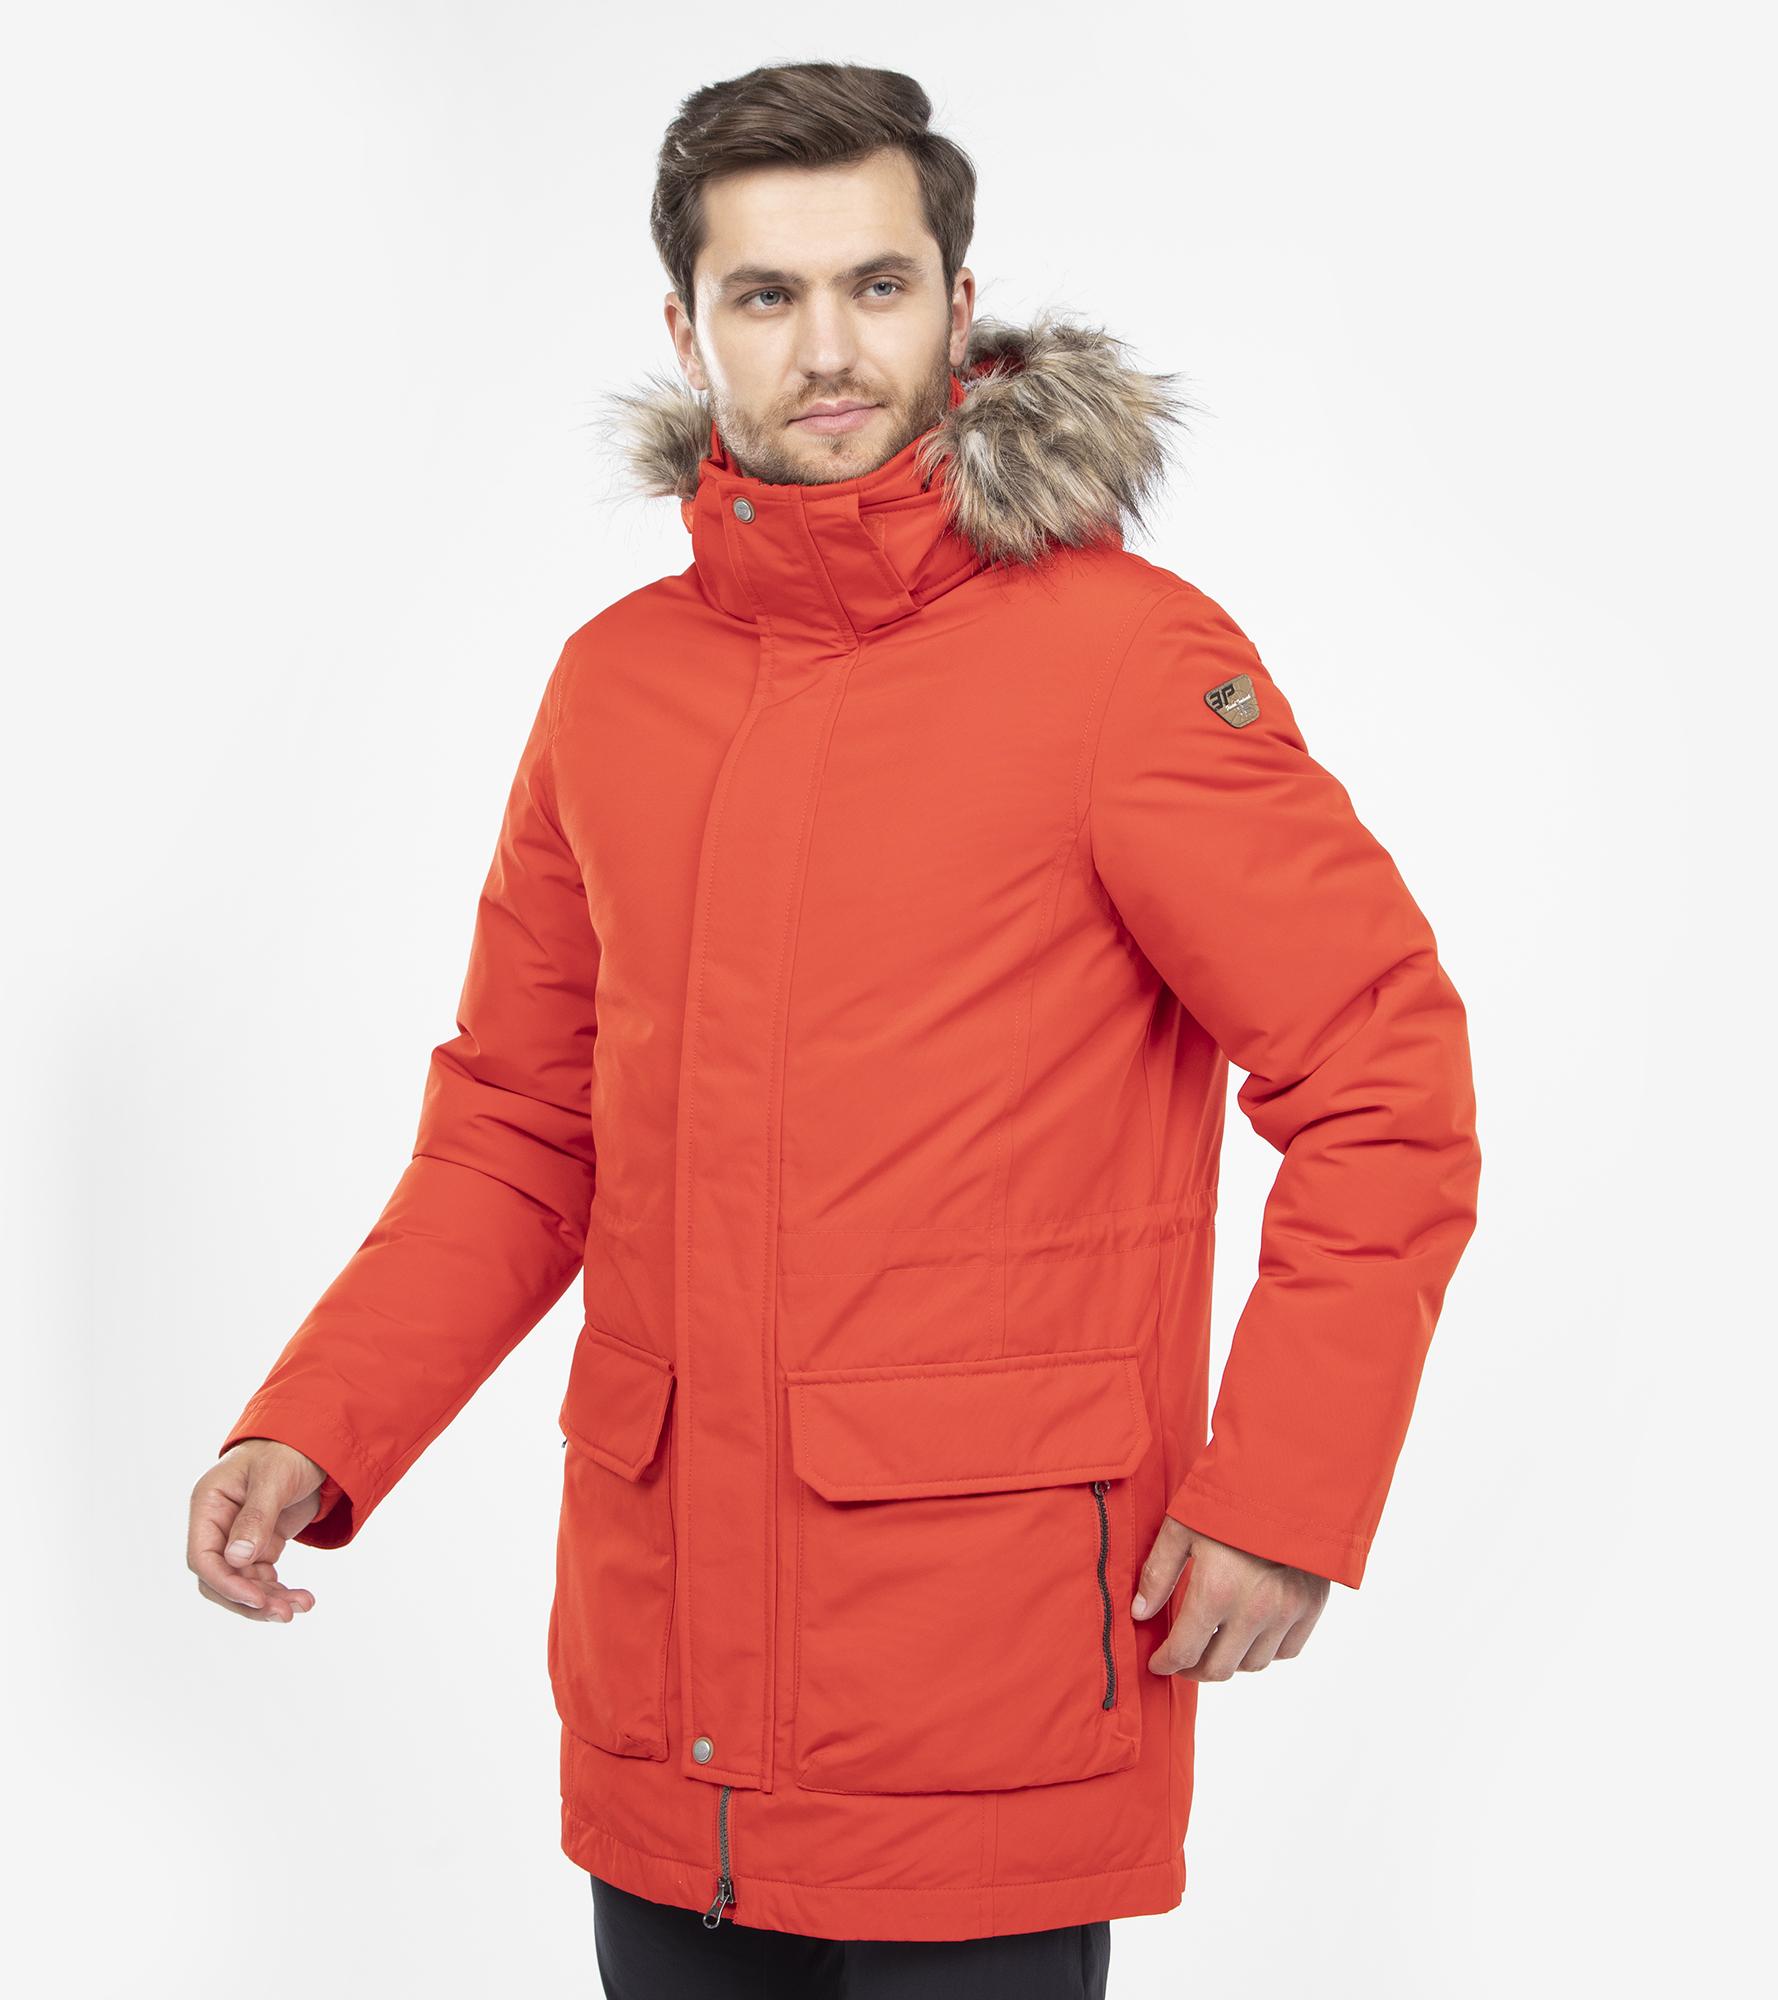 IcePeak Куртка утепленная мужская IcePeak Abington, размер 54 цены онлайн